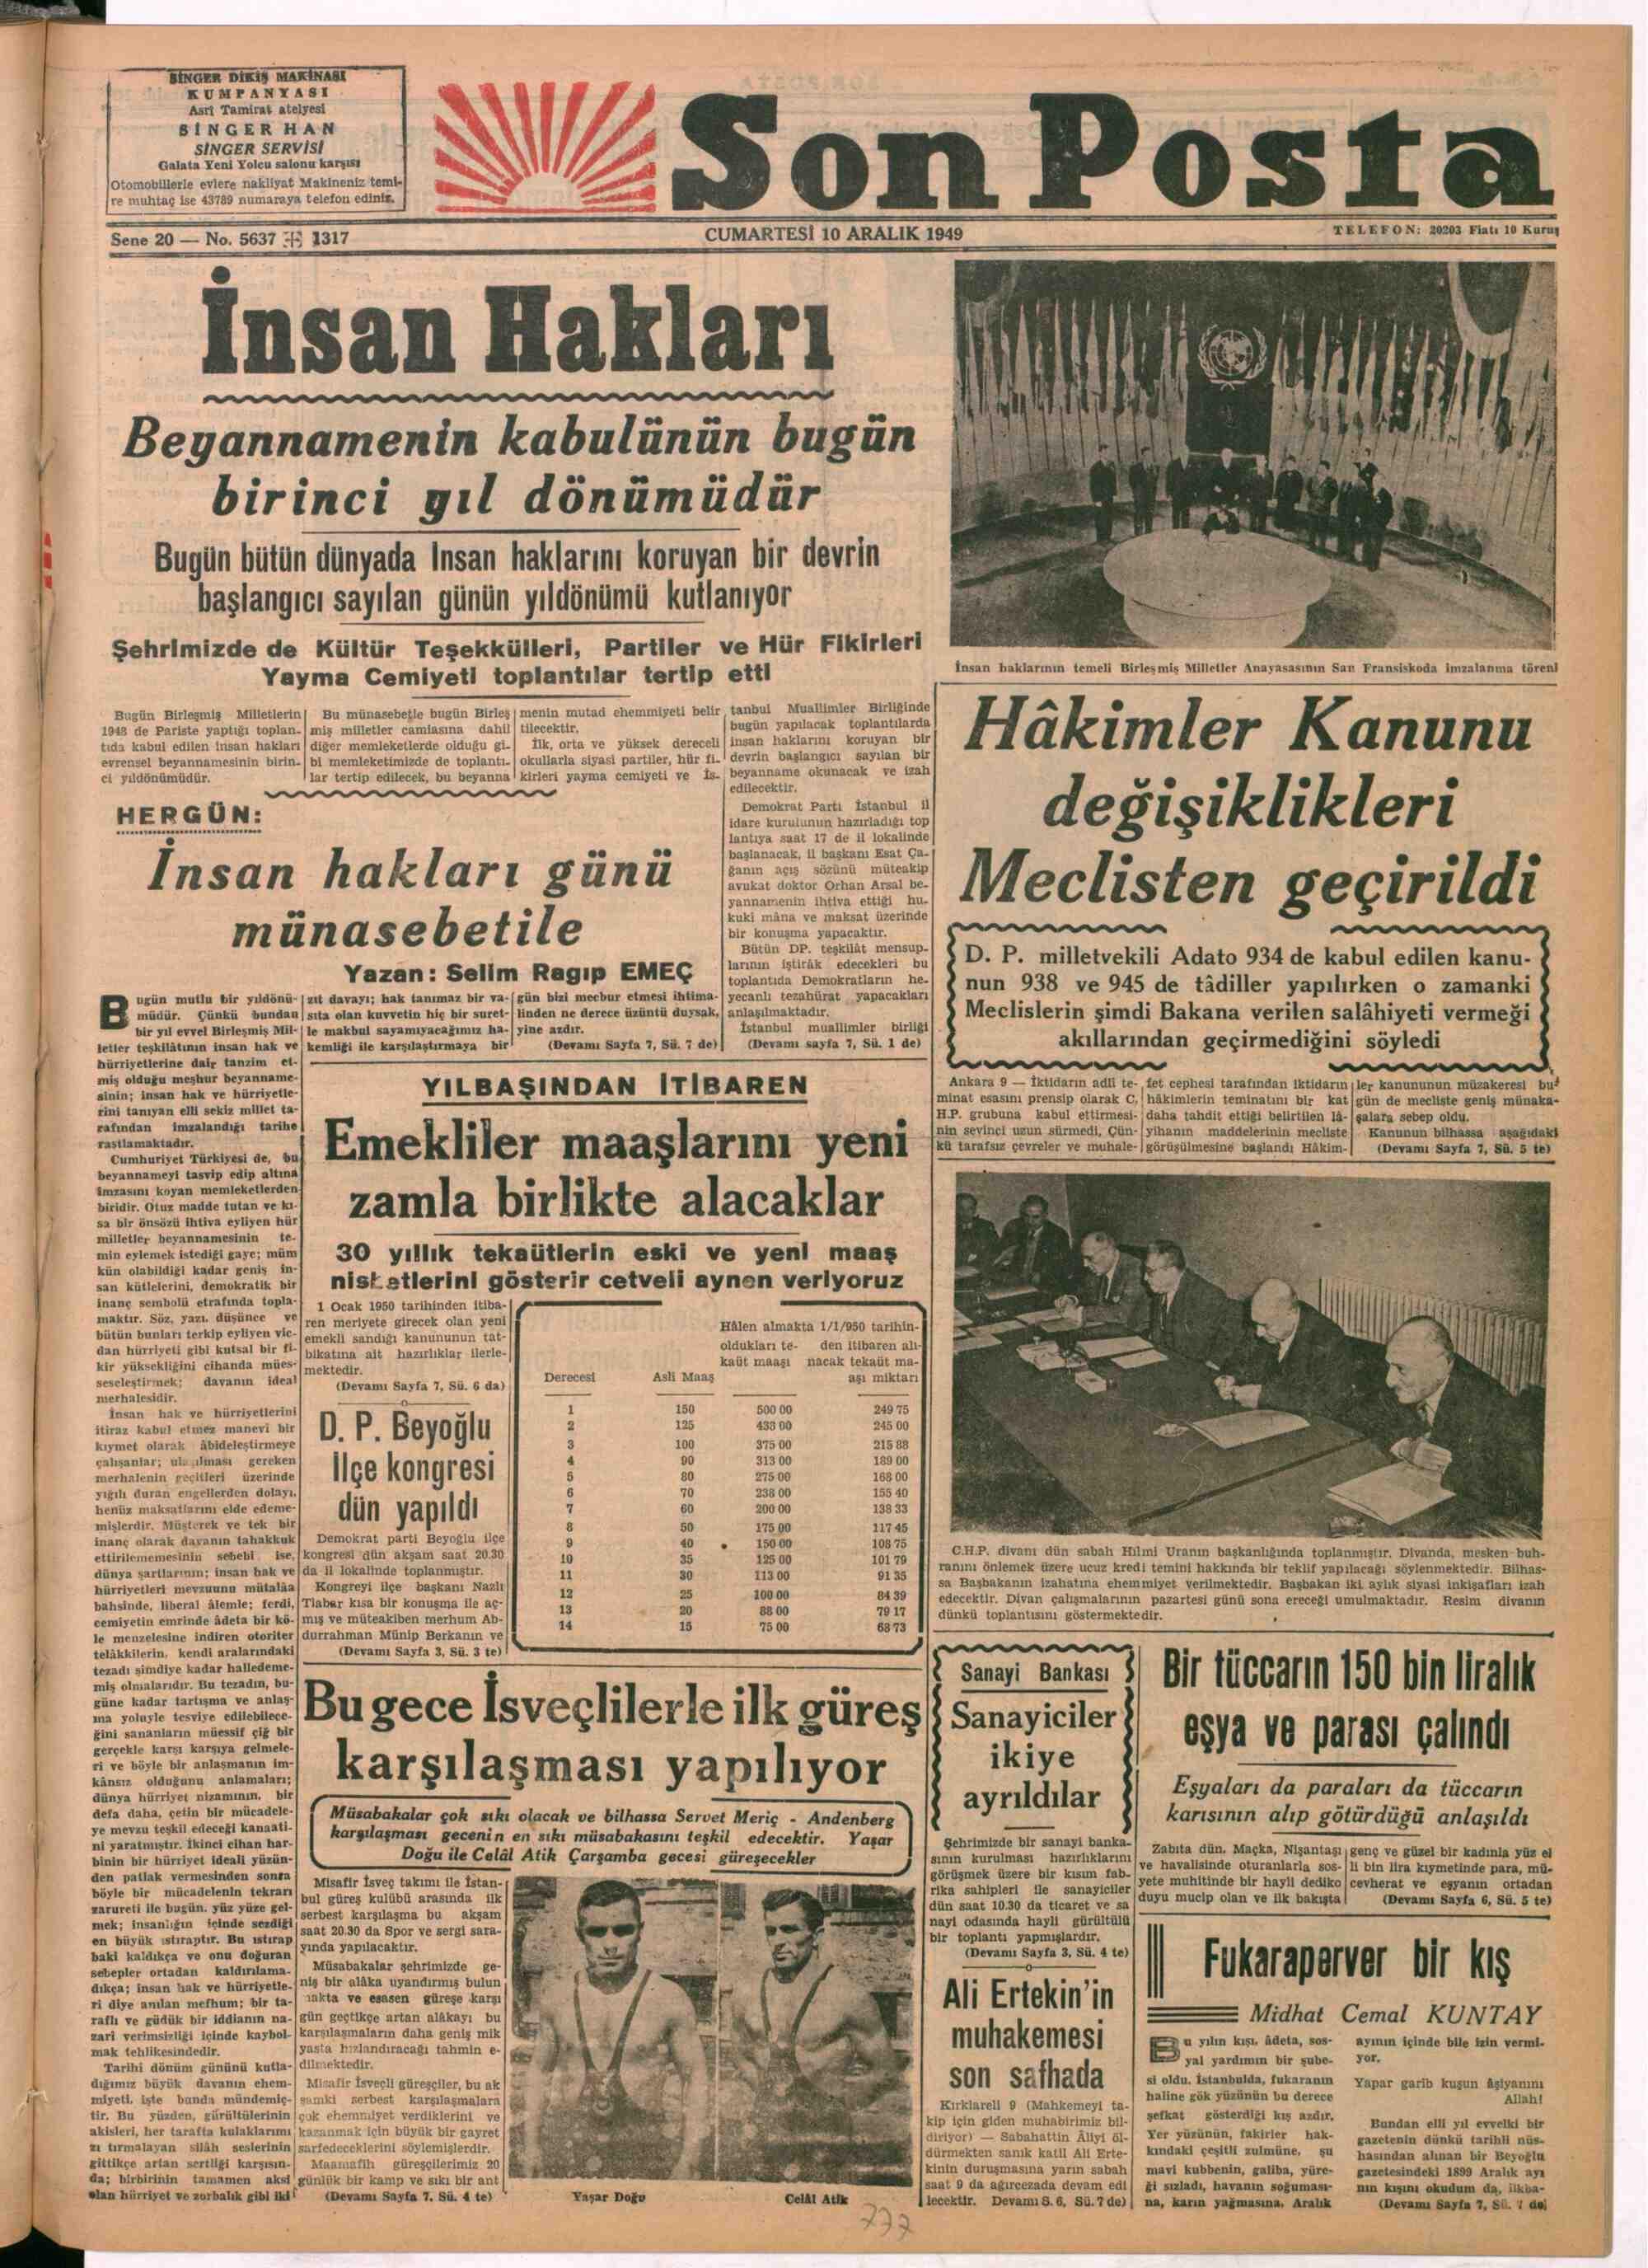 10 Aralık 1949 Tarihli Son Posta Gazetesi Sayfa 1